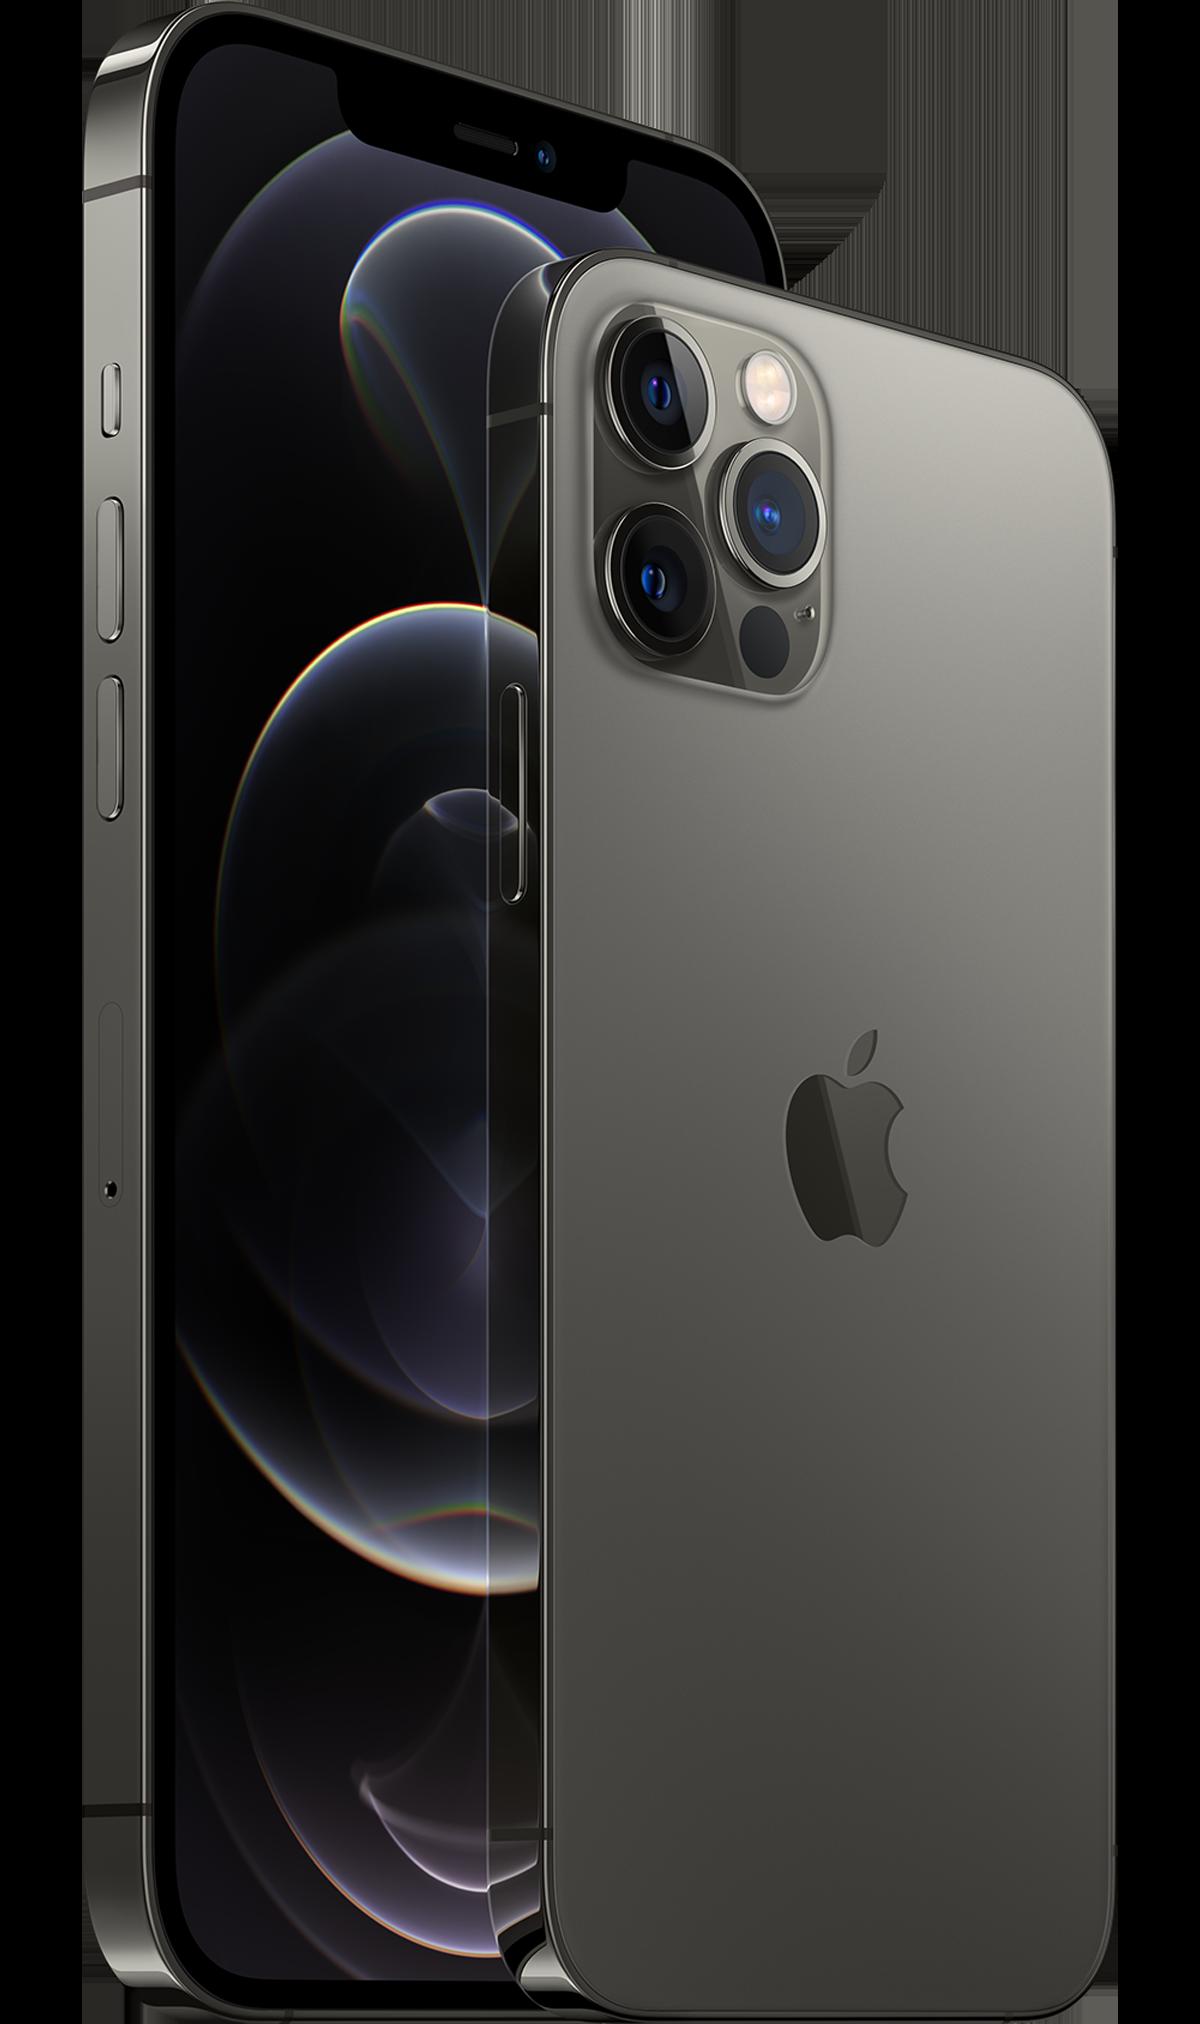 iPhone 12 Pro/Max